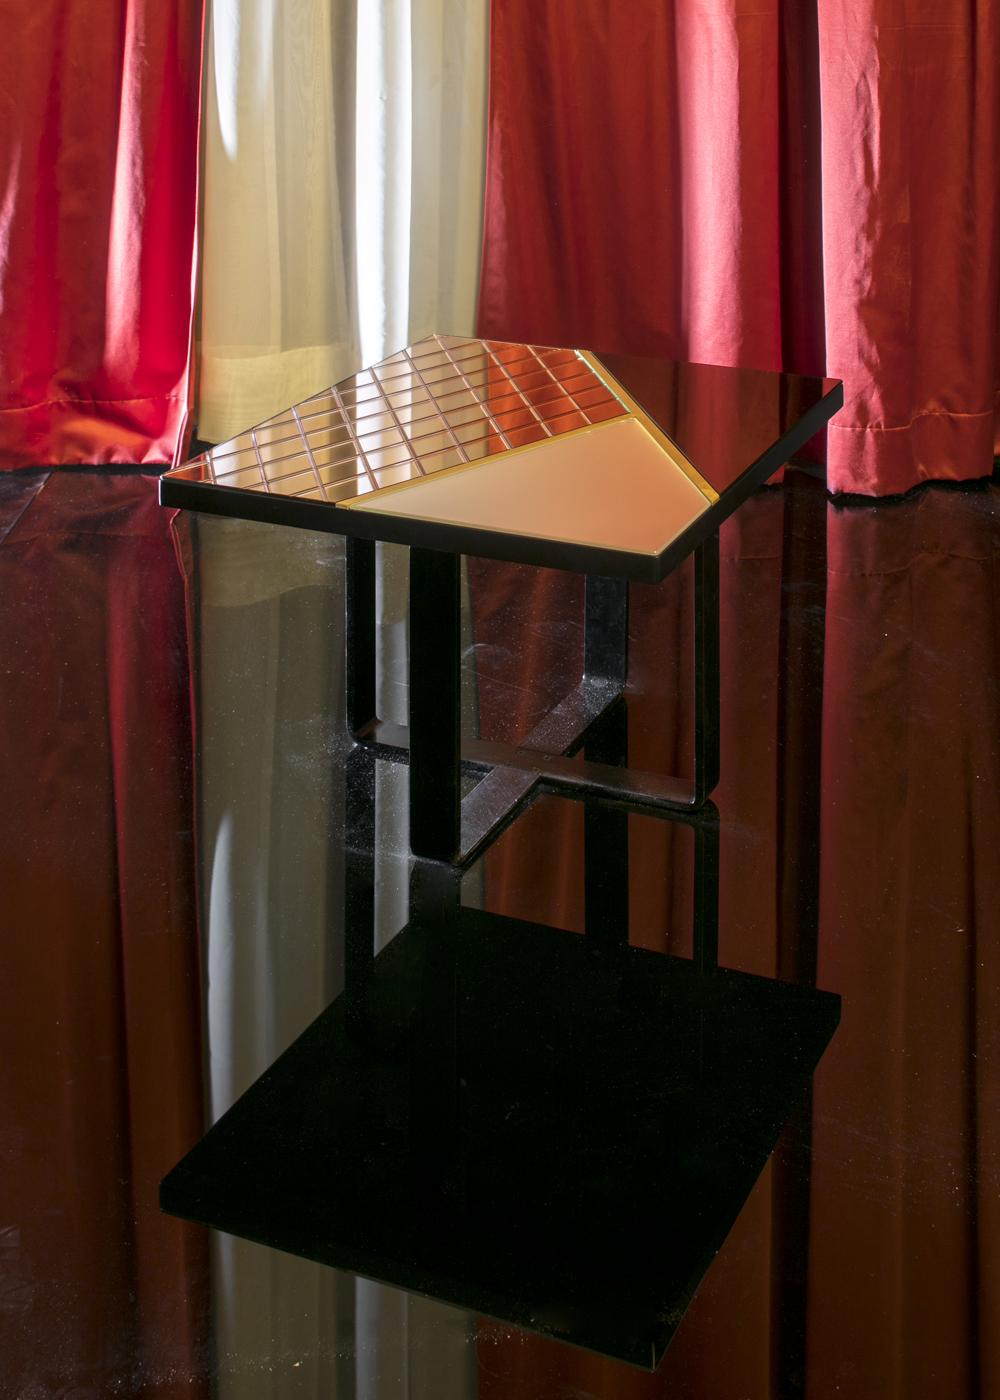 vb colors 04 – tavolino gioiello che riflette tutto ciò che c'è intorno attraverso forme che s'intrecciano al decoro geometrico inciso su specchio rosa.